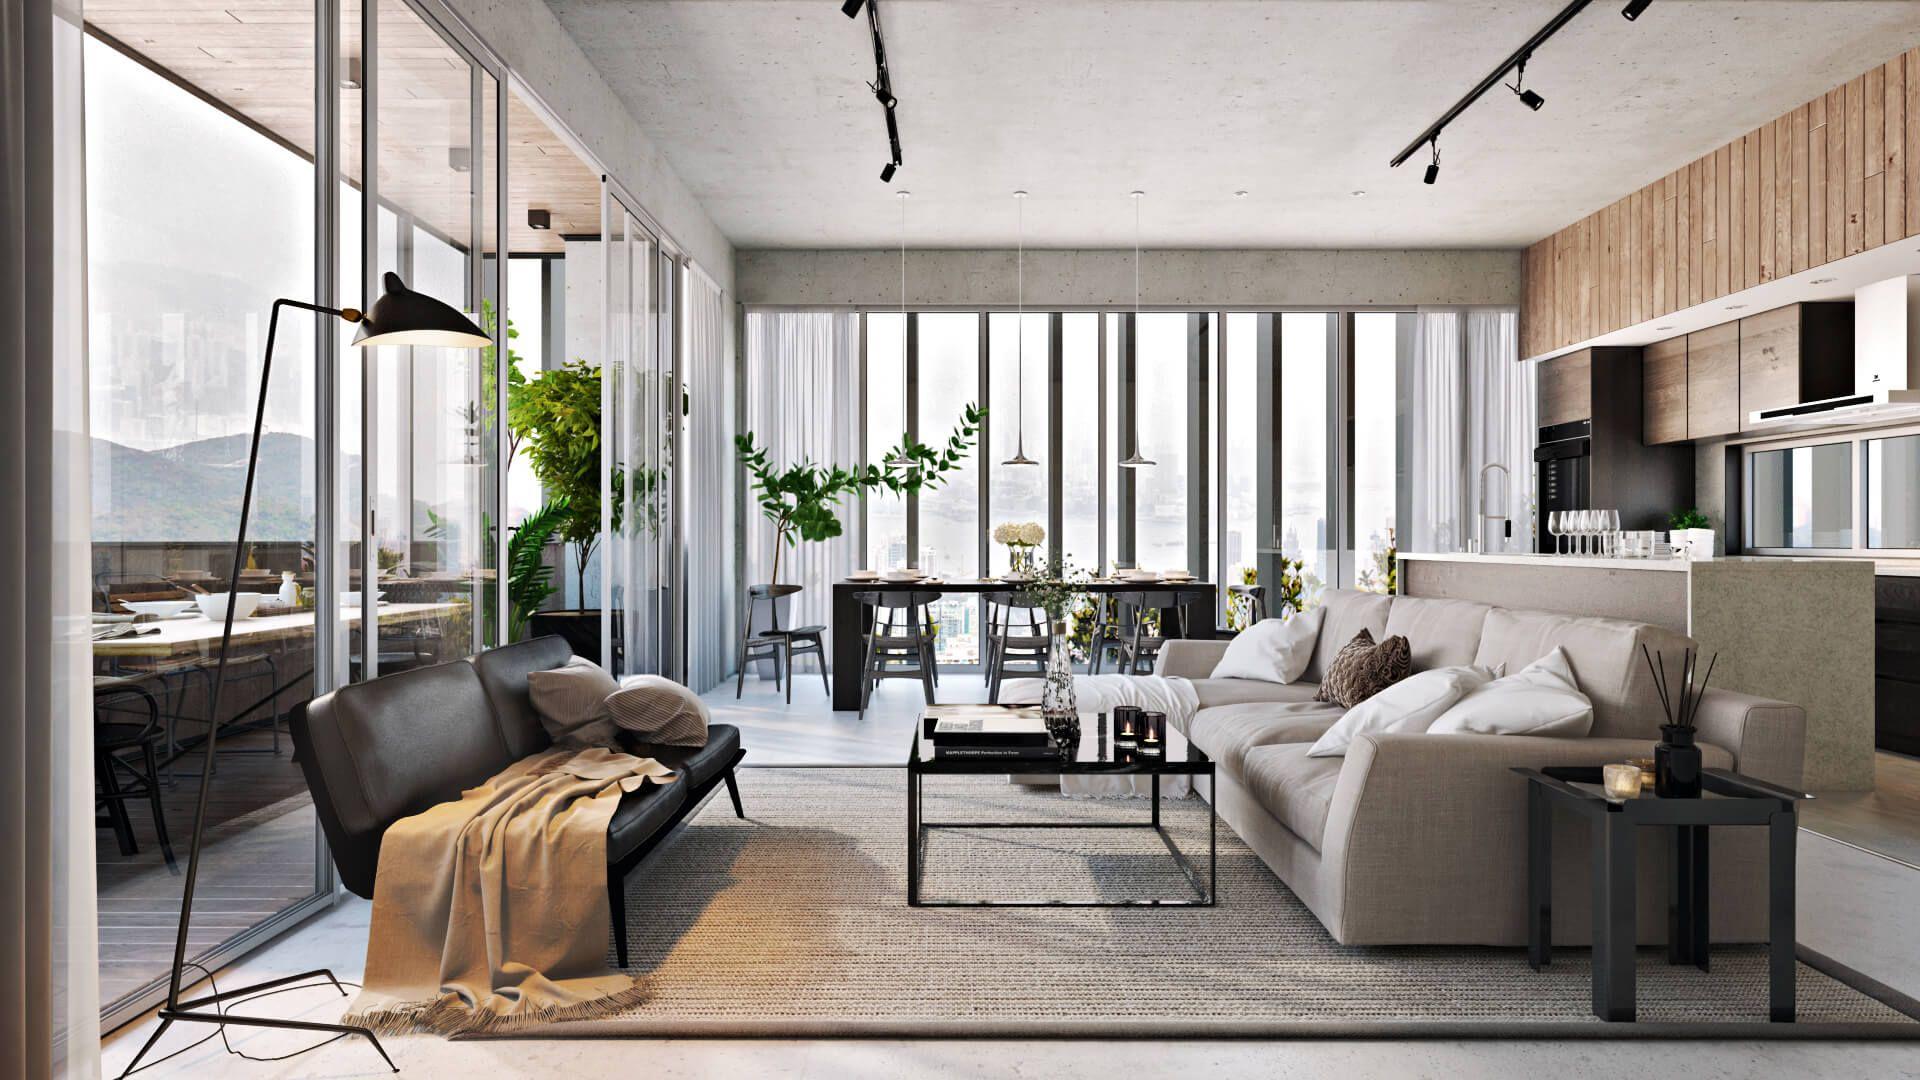 3D Visualization Portfolio For Architectural And Interior Design ...